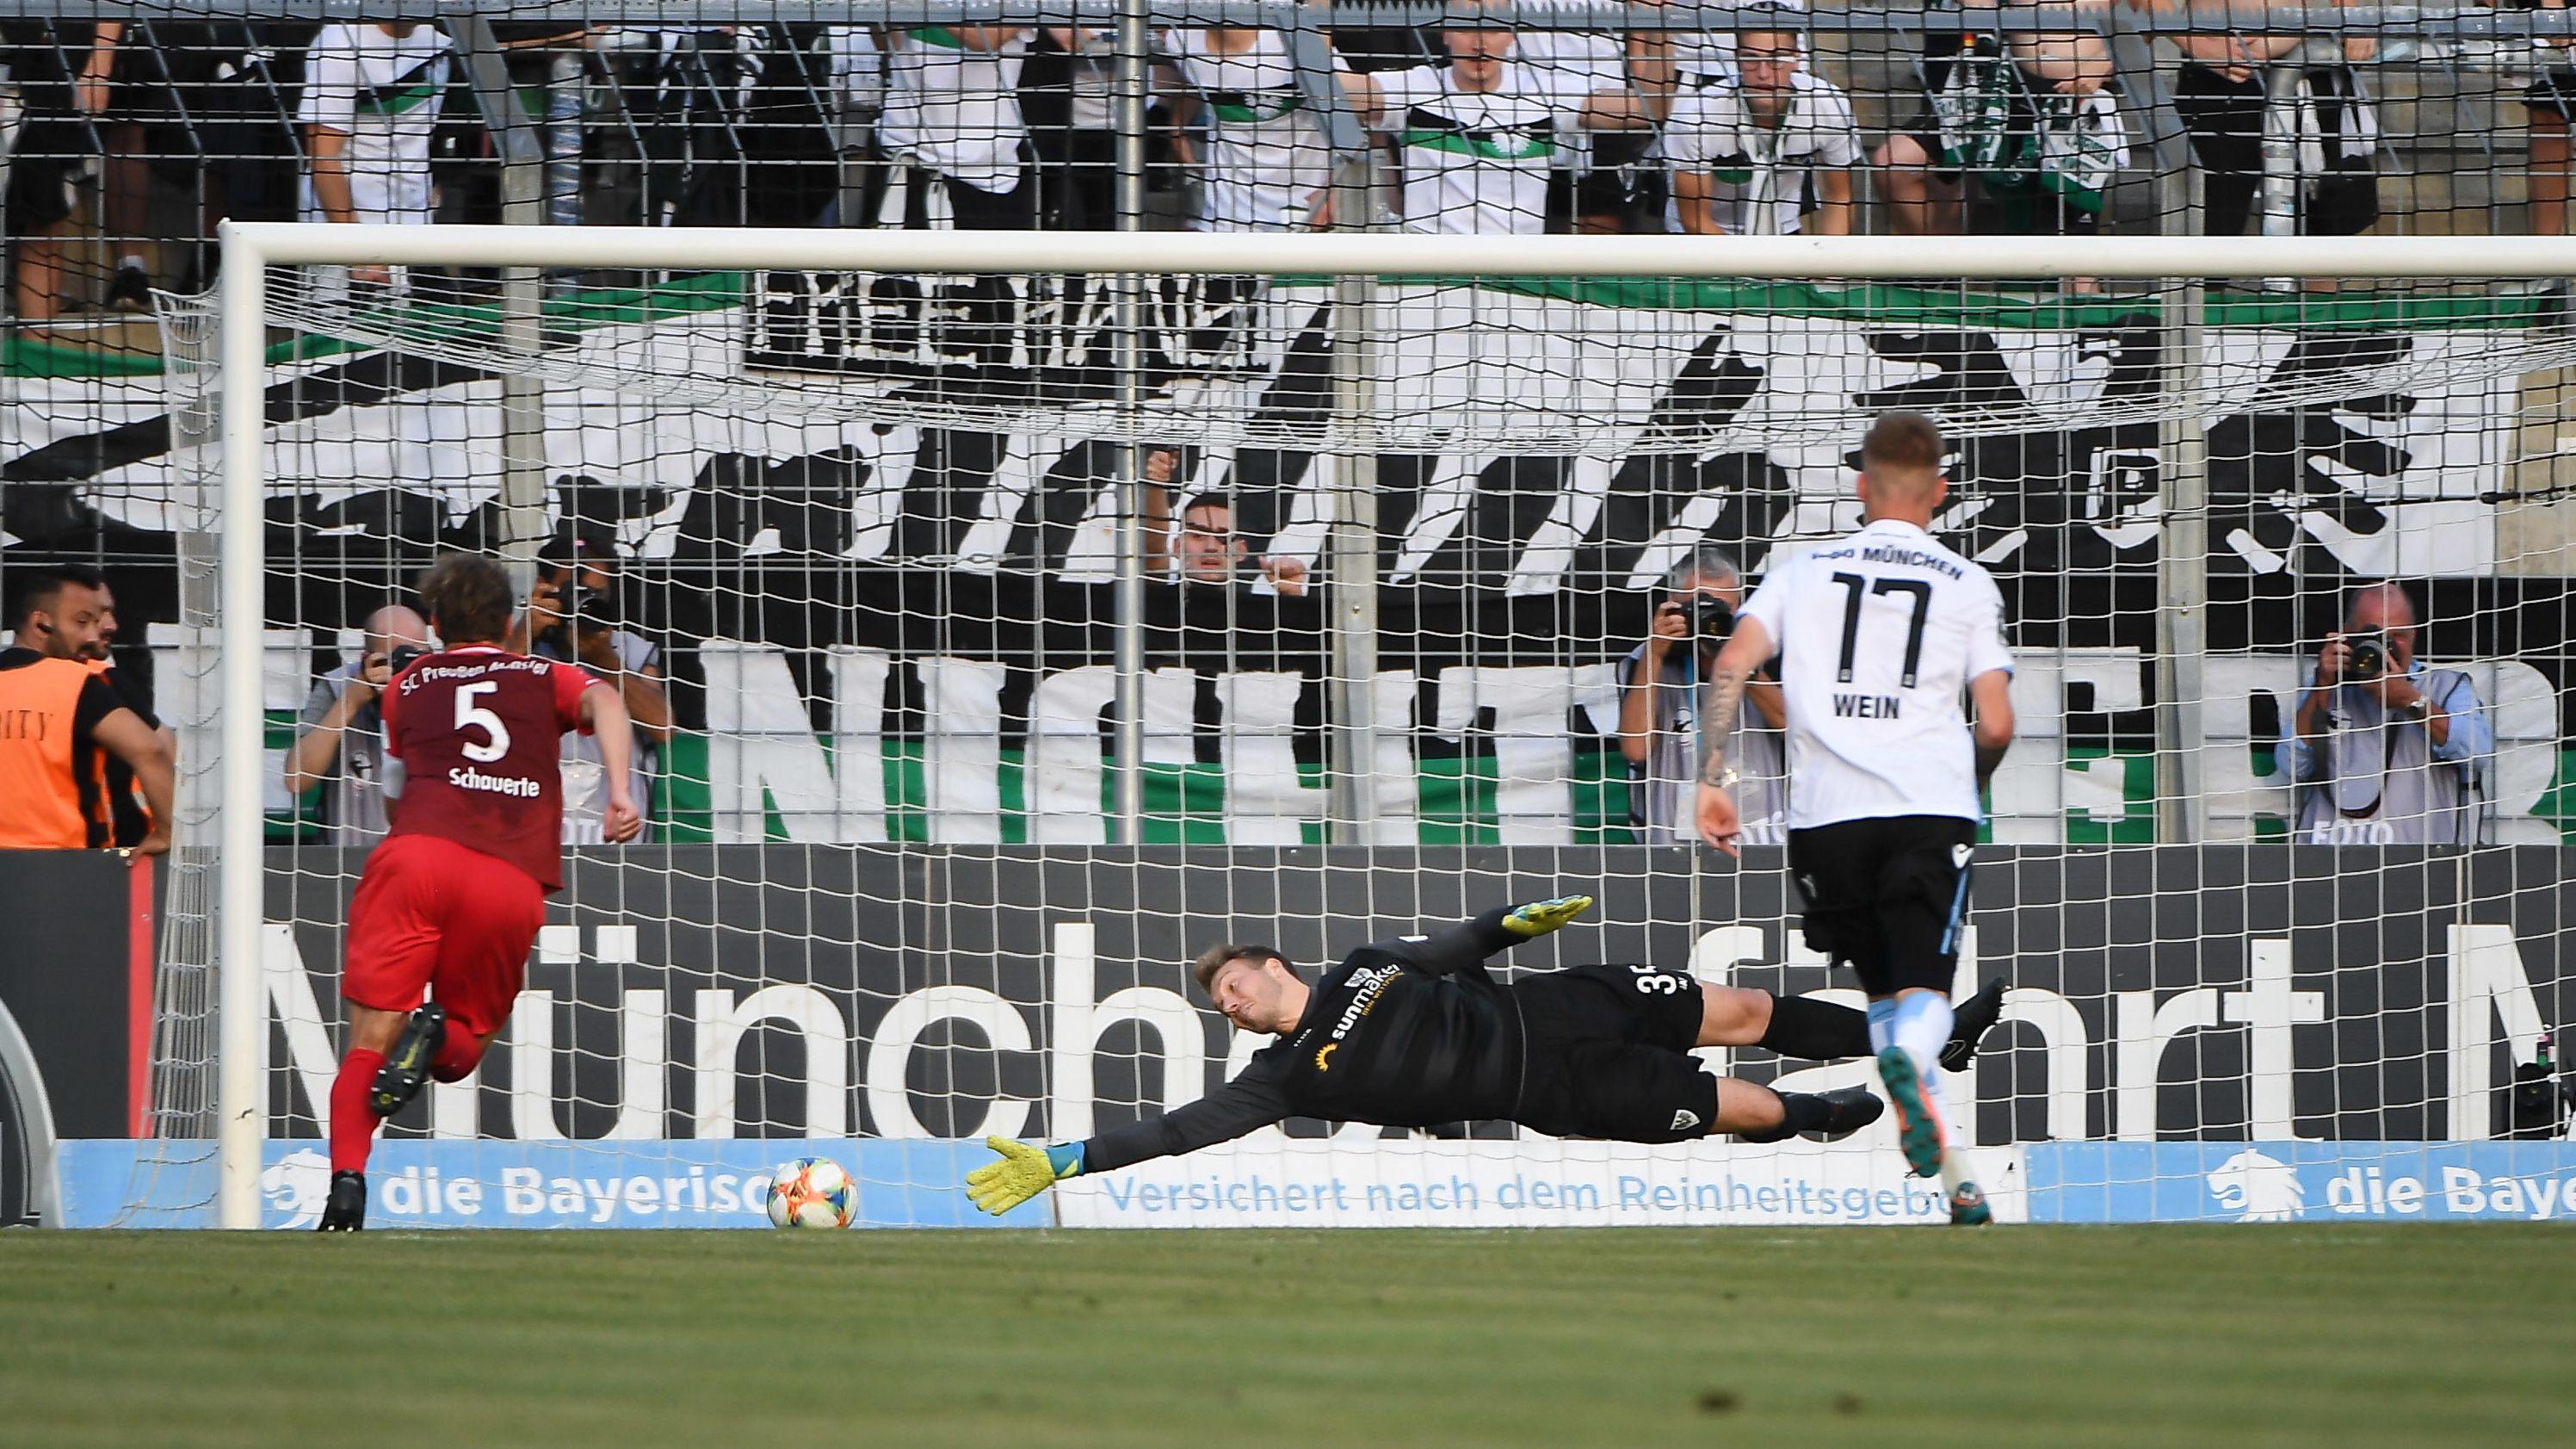 Das 1:1 für den TSV 1860 München gegen Preußen Münster per Foulelfmeter